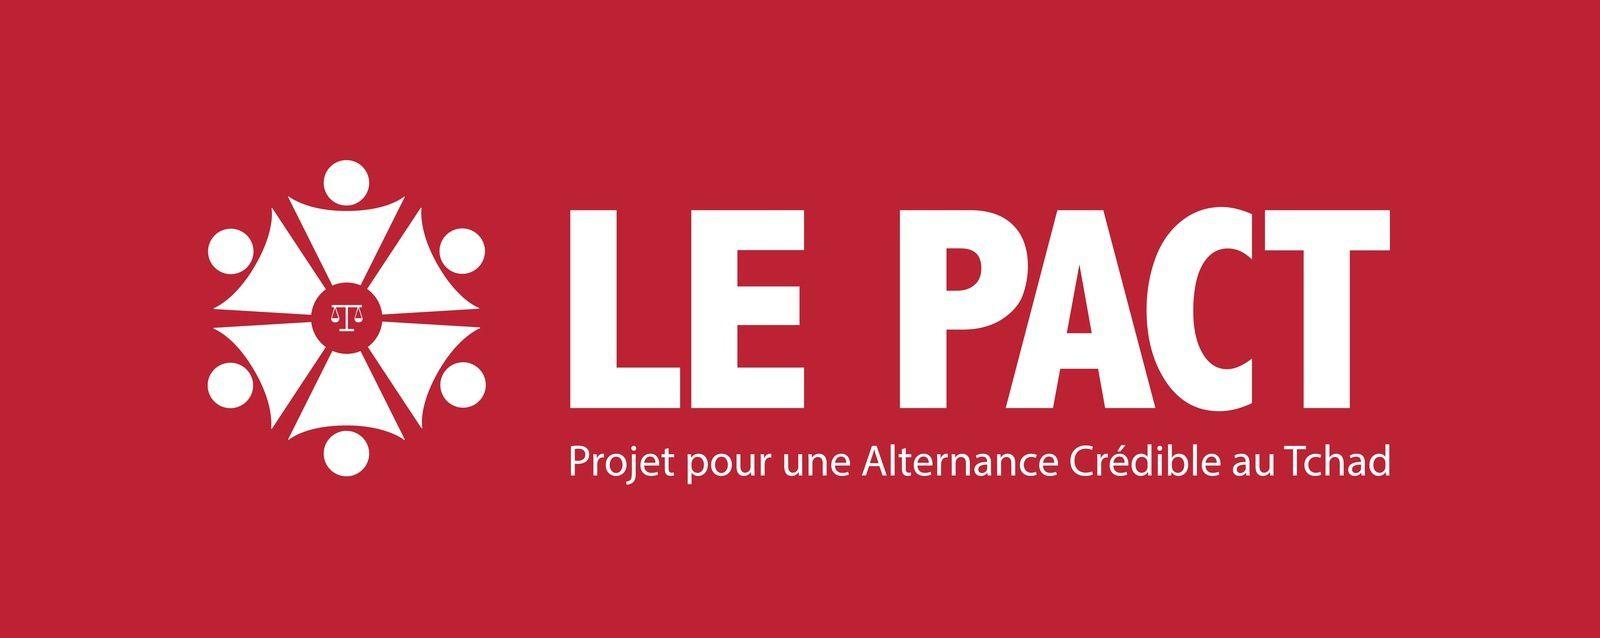 Tchad: lancement à Paris du Projet pour une Alternance Crédible au Tchad (PACT), mouvement citoyen